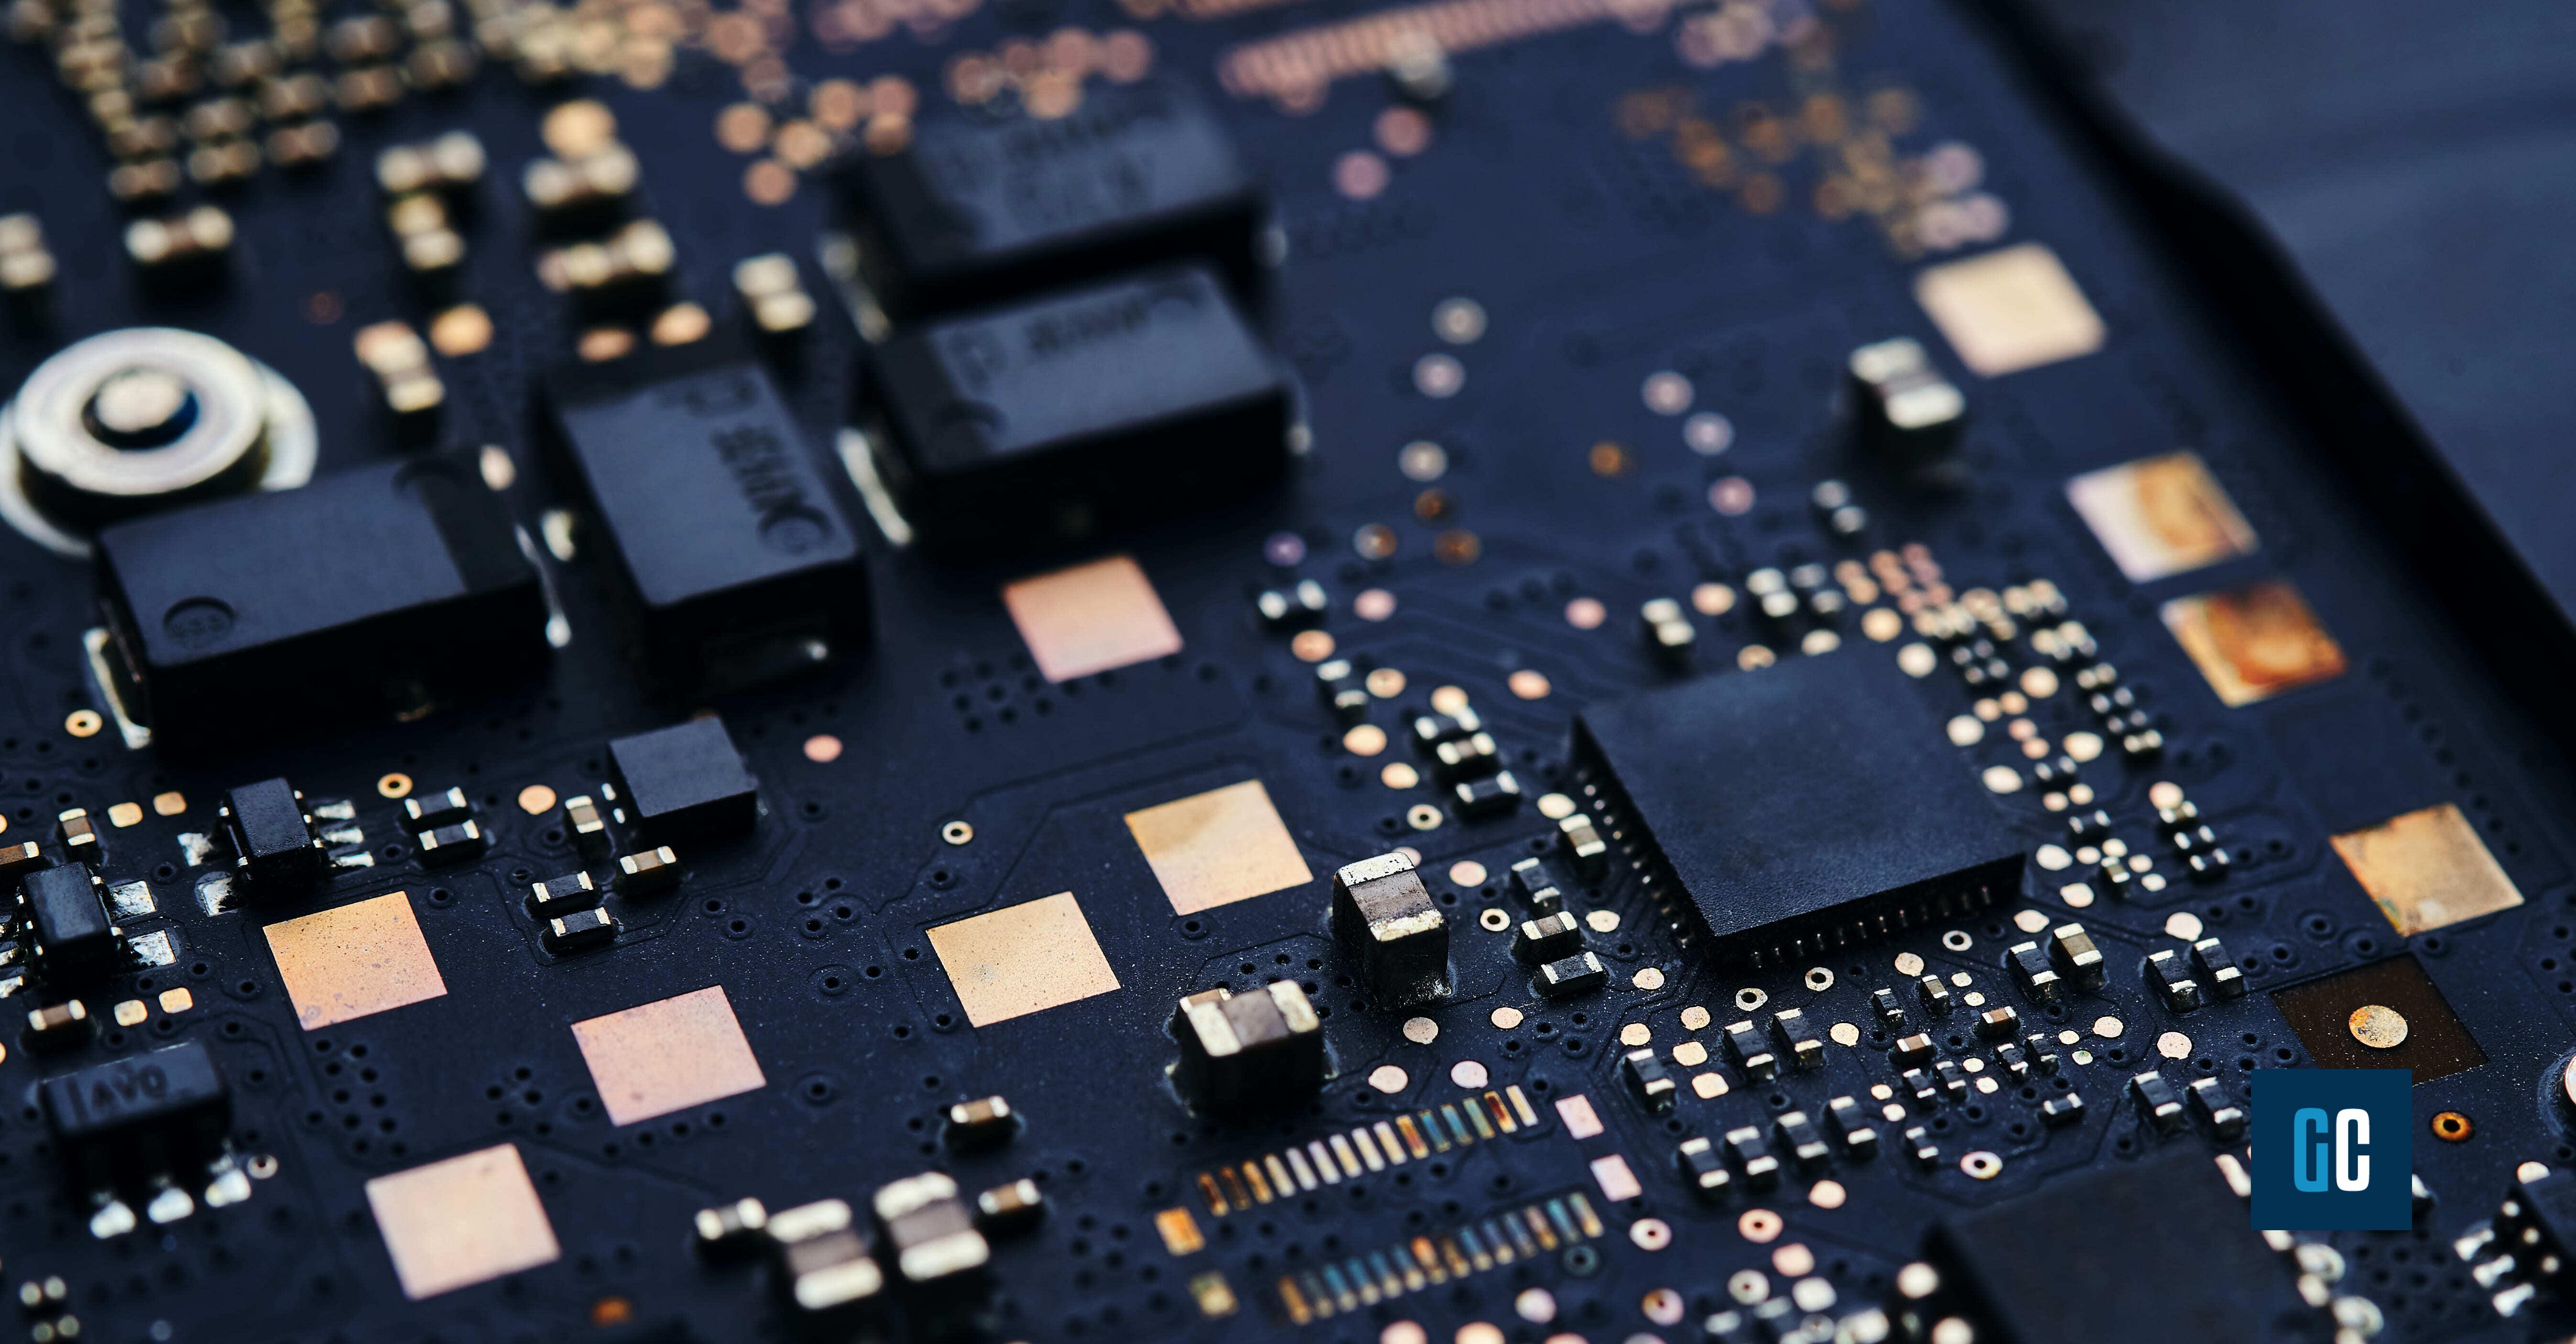 Il Server Cloud un uso intelligente ed innovativo delle  tecnologie di ultima generazione